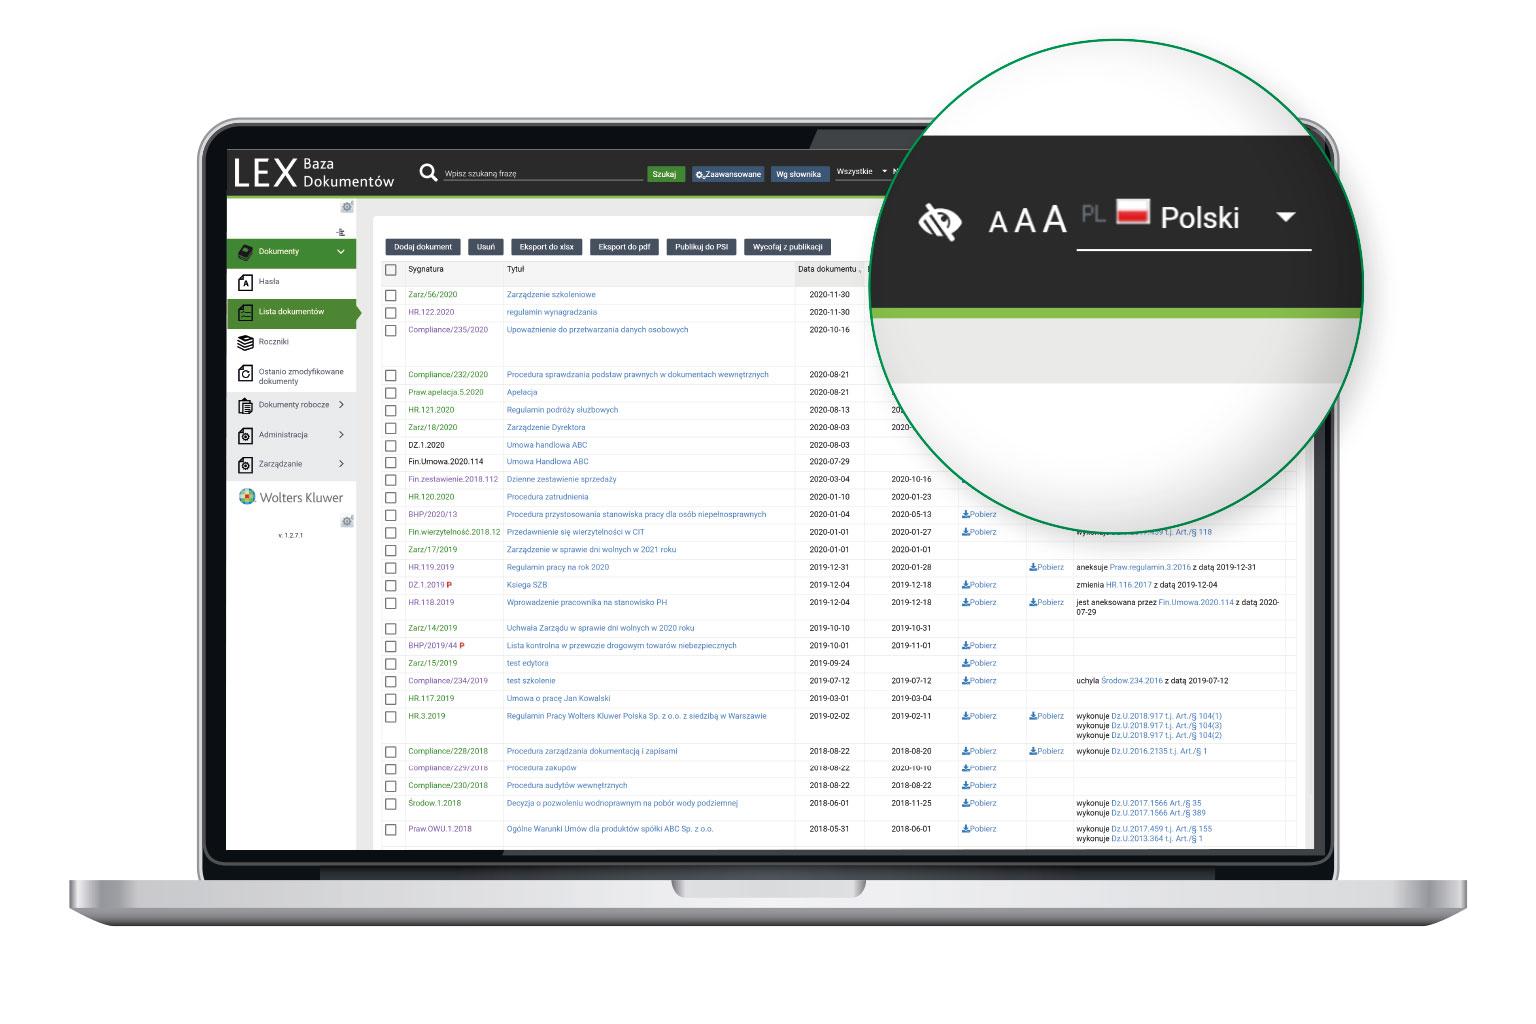 LEX Baza Dokumentów jest zgodny z WCAG 2.1